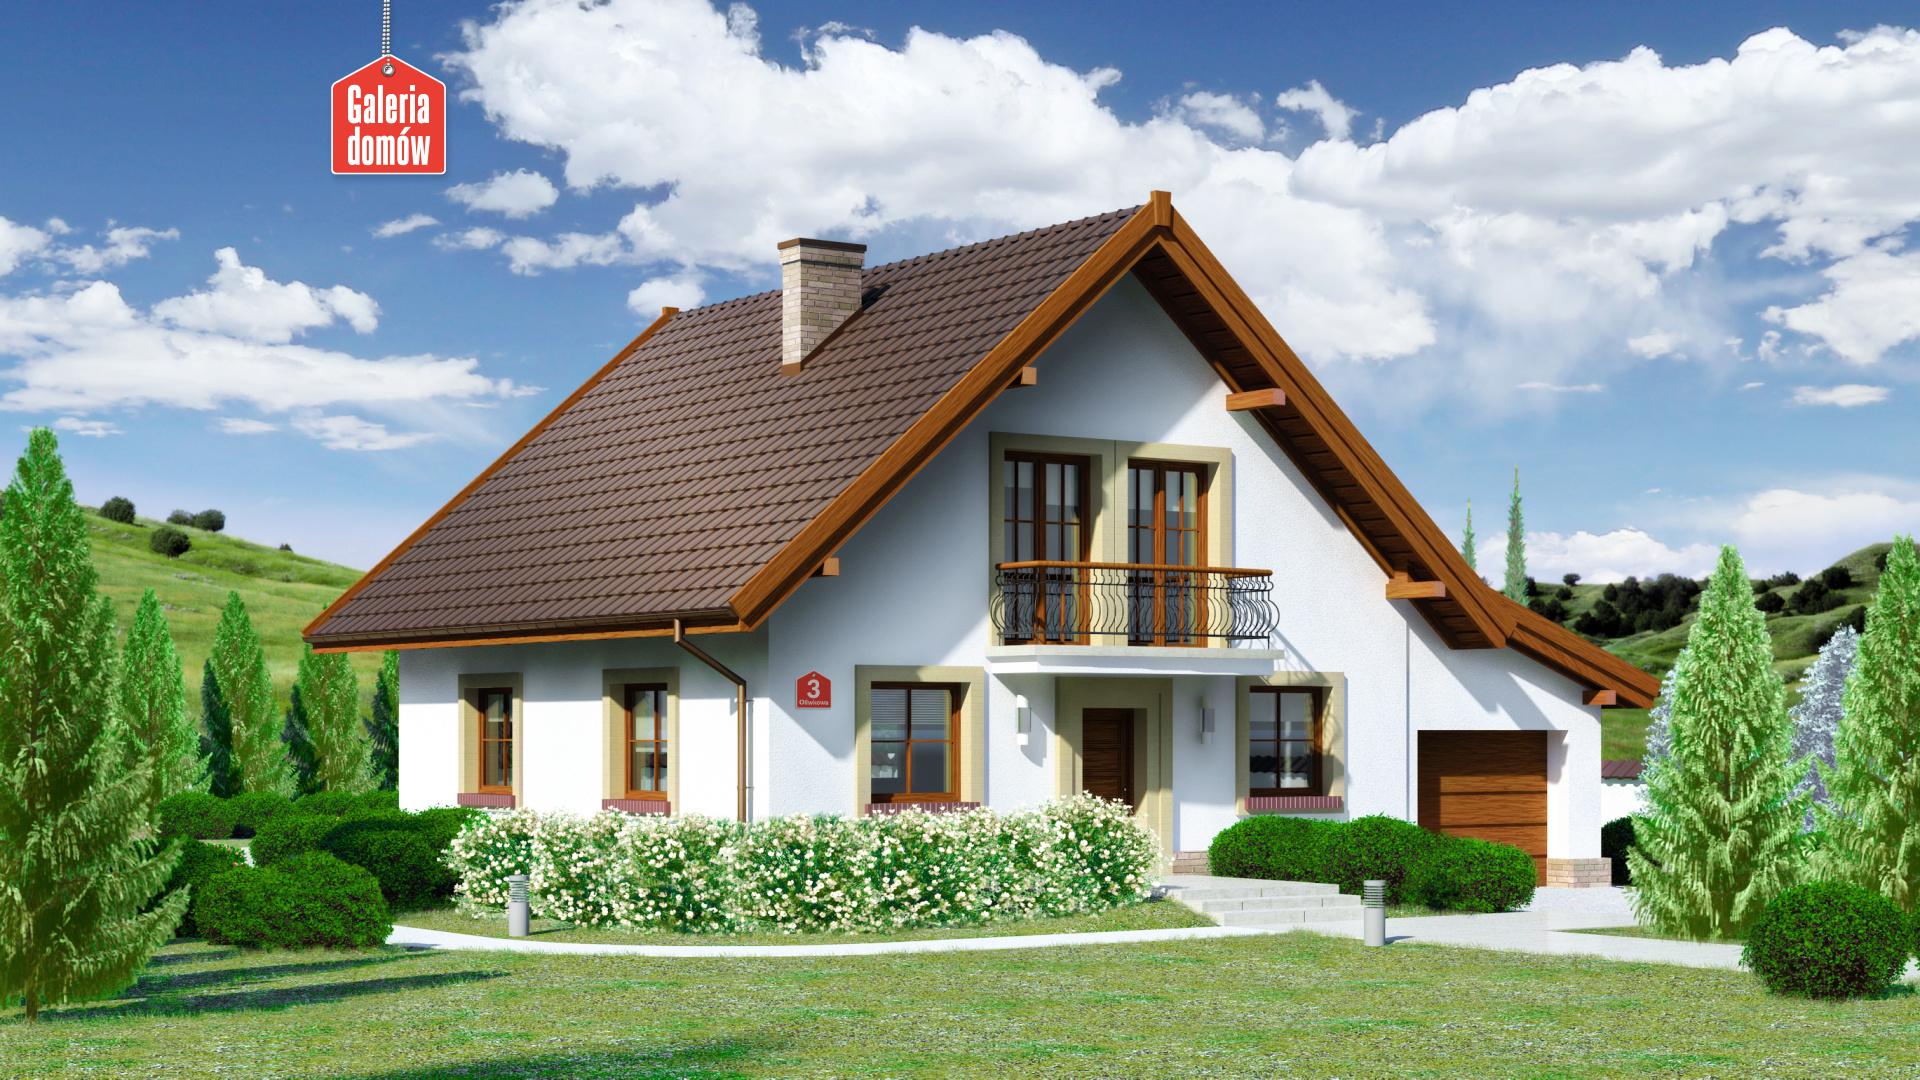 Dom przy Oliwkowej 3 - zdjęcie projektu i wizualizacja